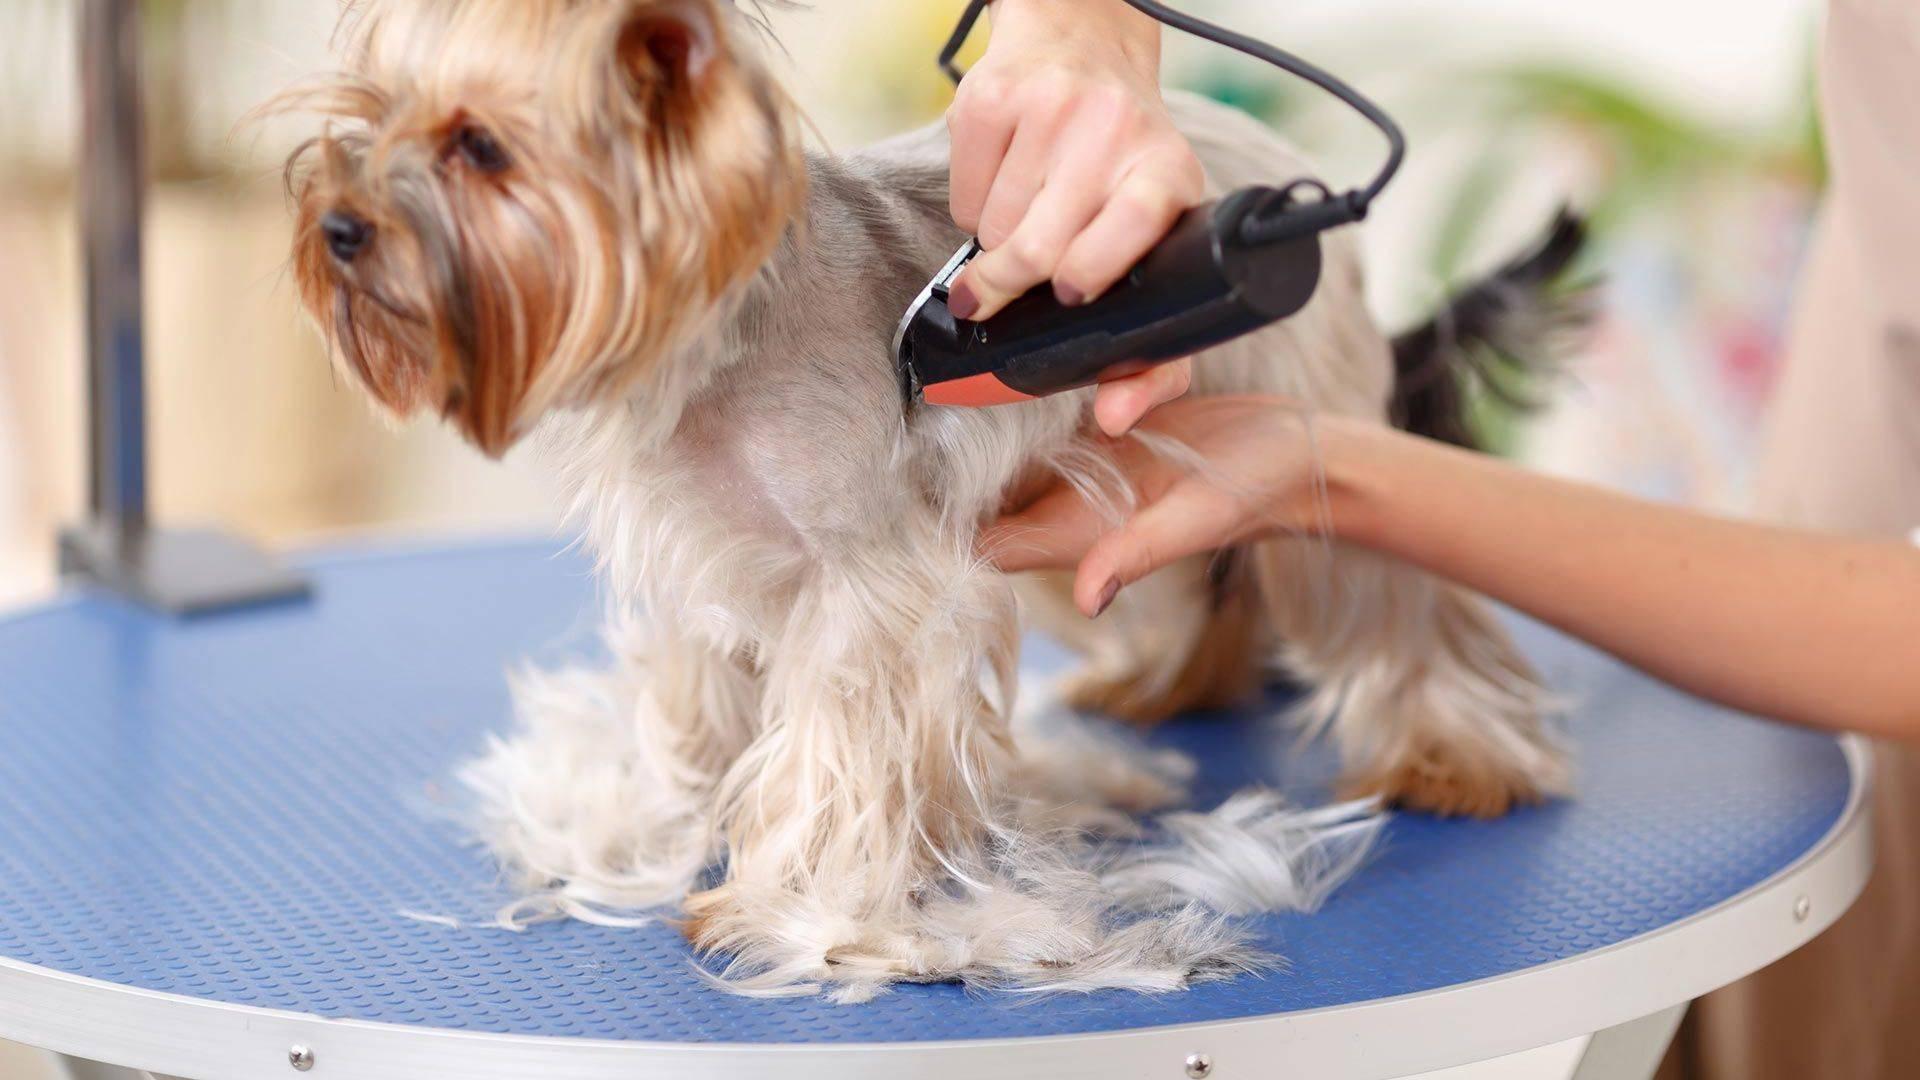 Грумер это - парикмахер для животных. когда и где появилась данная профессия, каковы её плюсы и минусы и что должен уметь делать настоящий профессионал